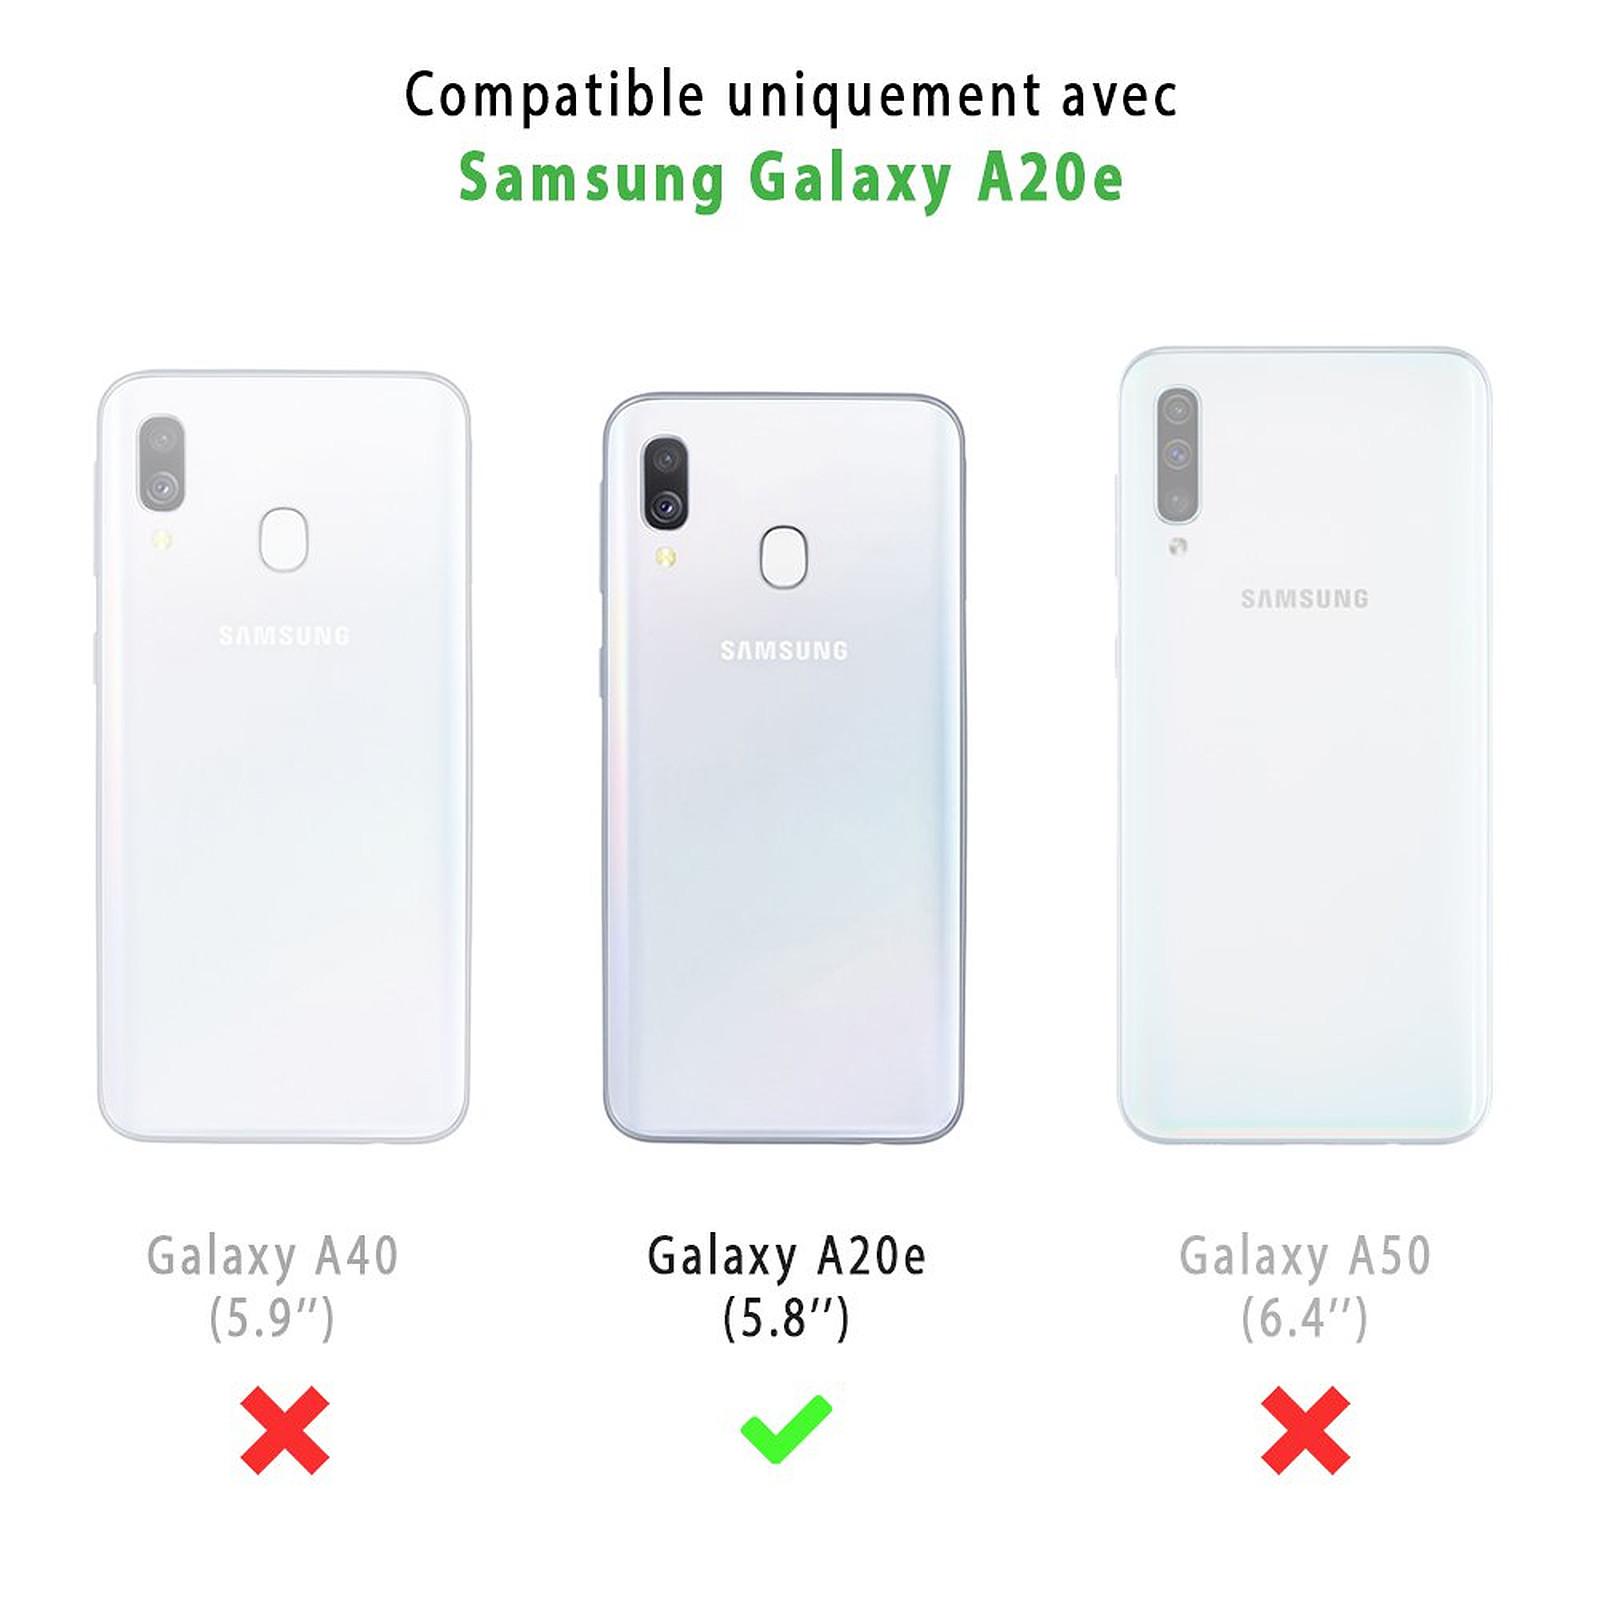 EVETANE Coque Samsung Galaxy A20e souple transparente Note de Musique